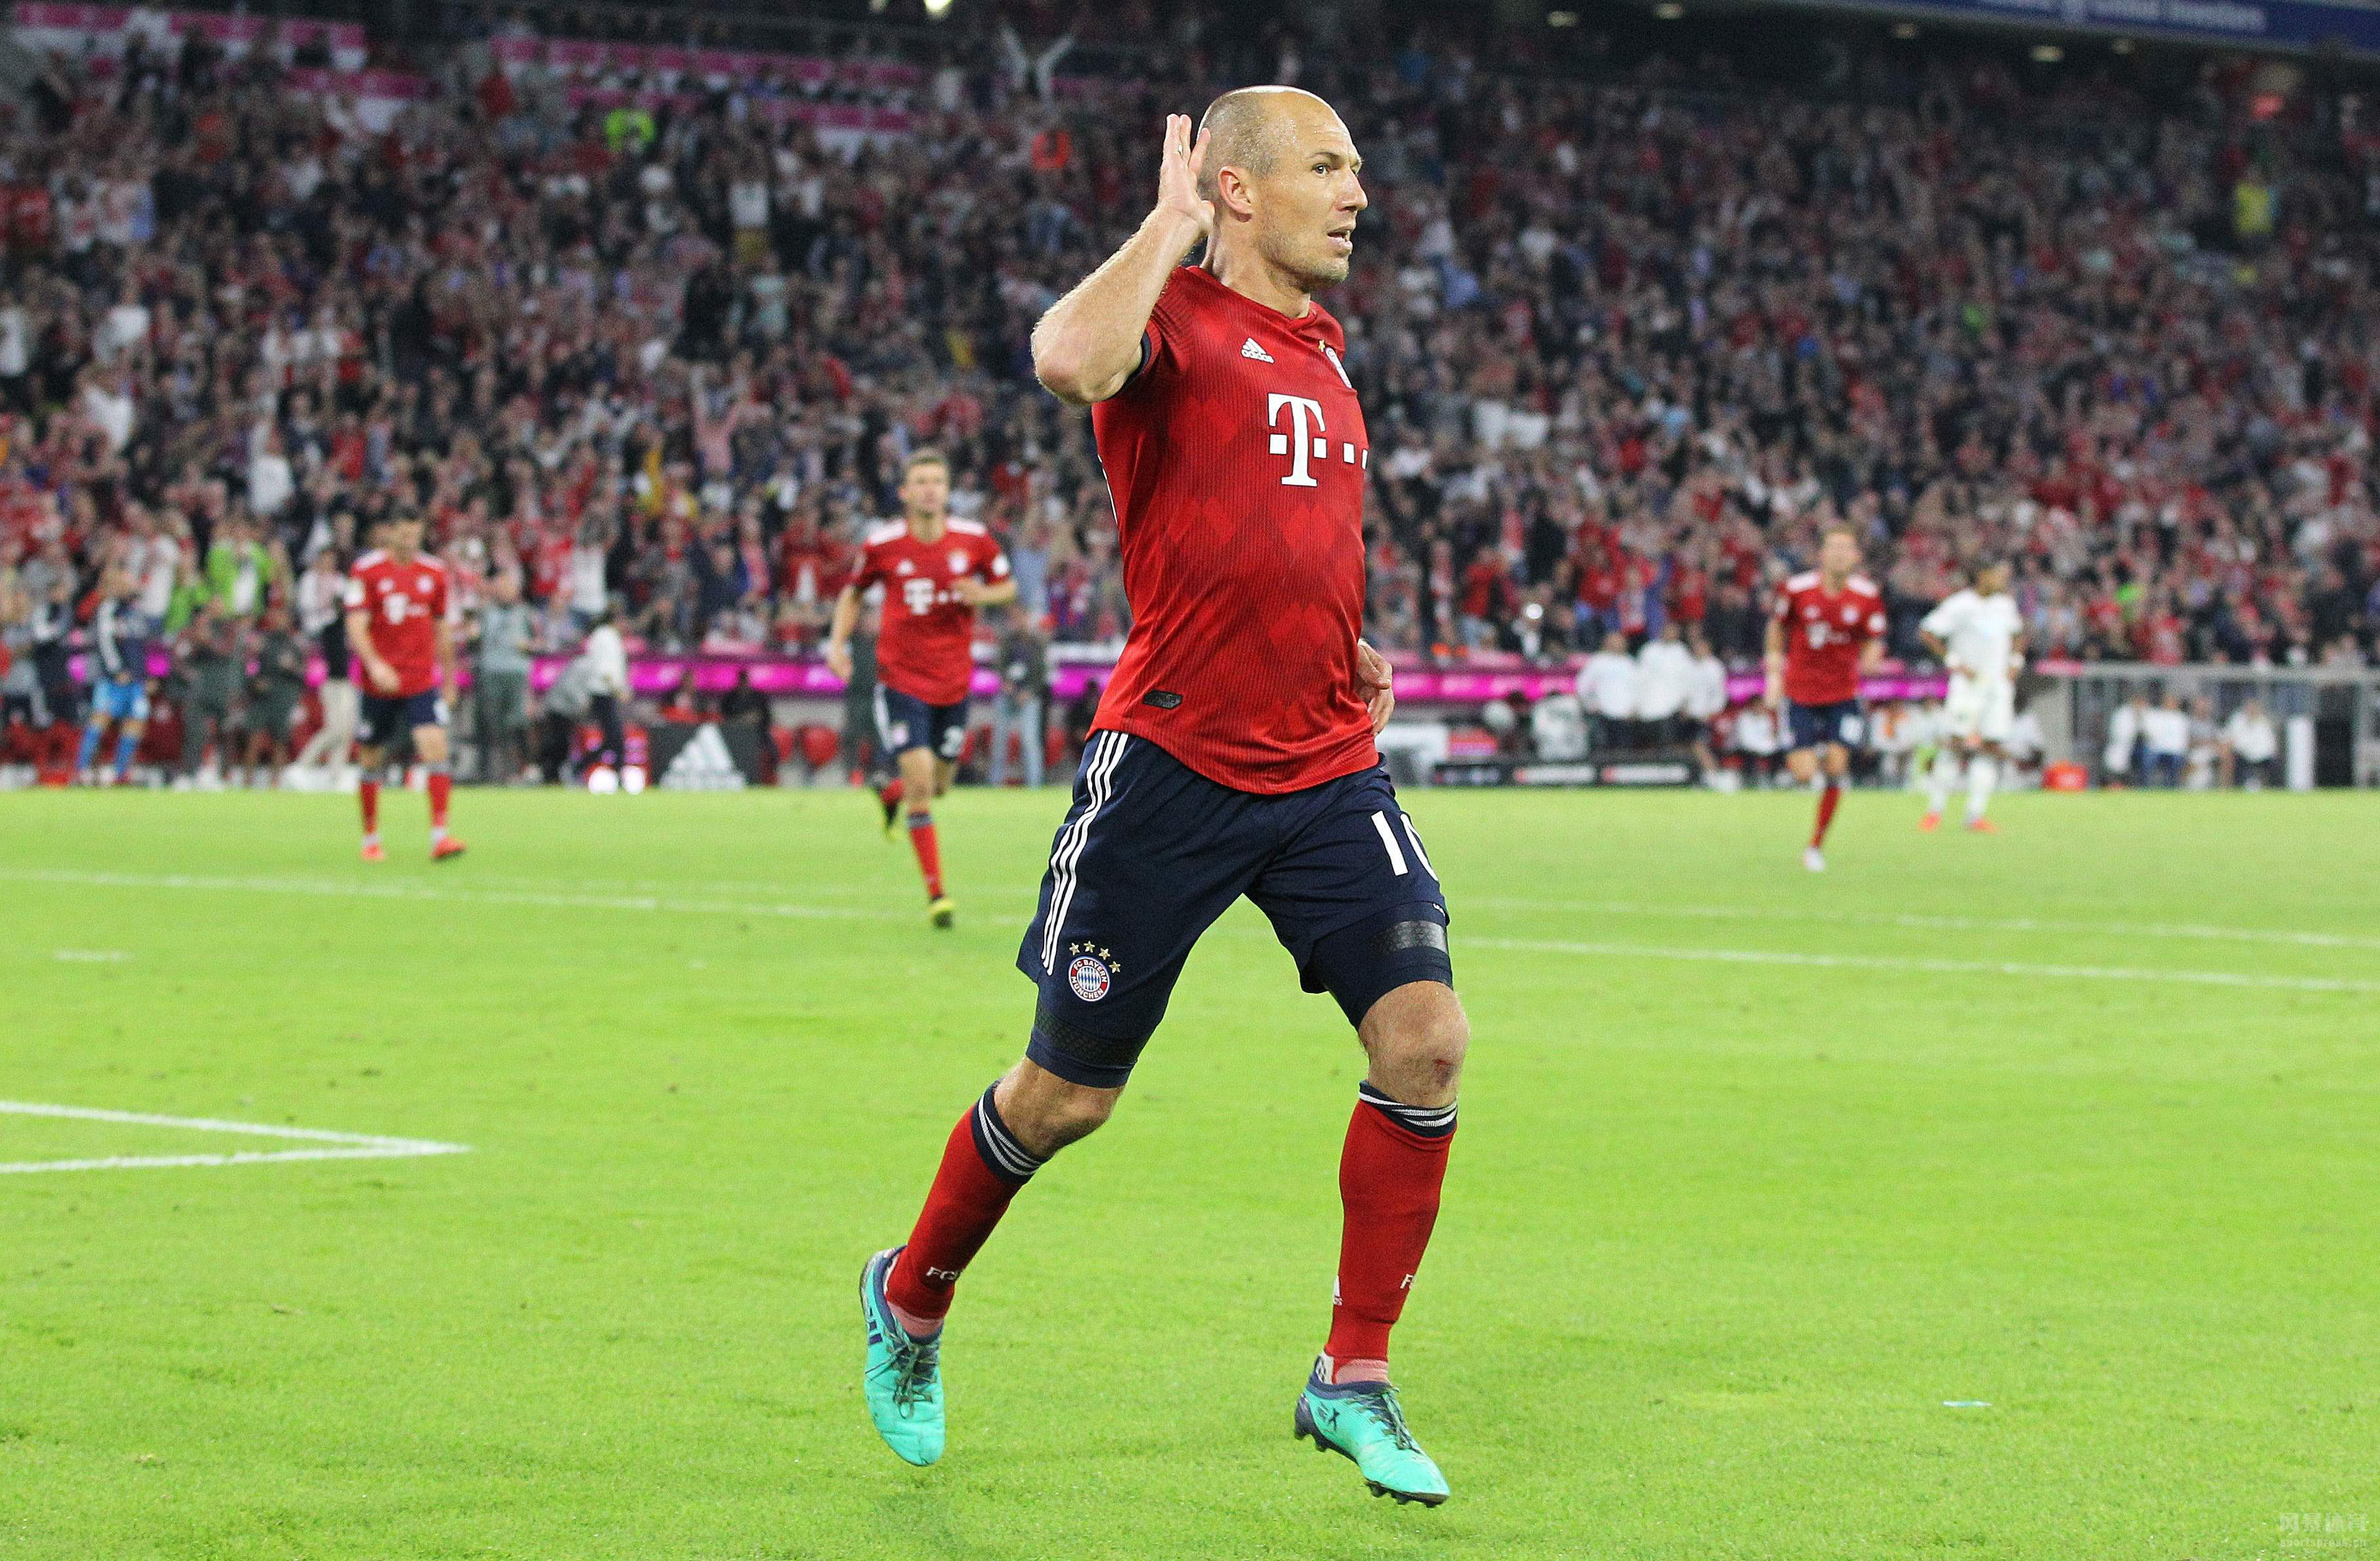 拜仁3-1拿下霍芬海姆,科曼遗憾伤退,休战至少数周。